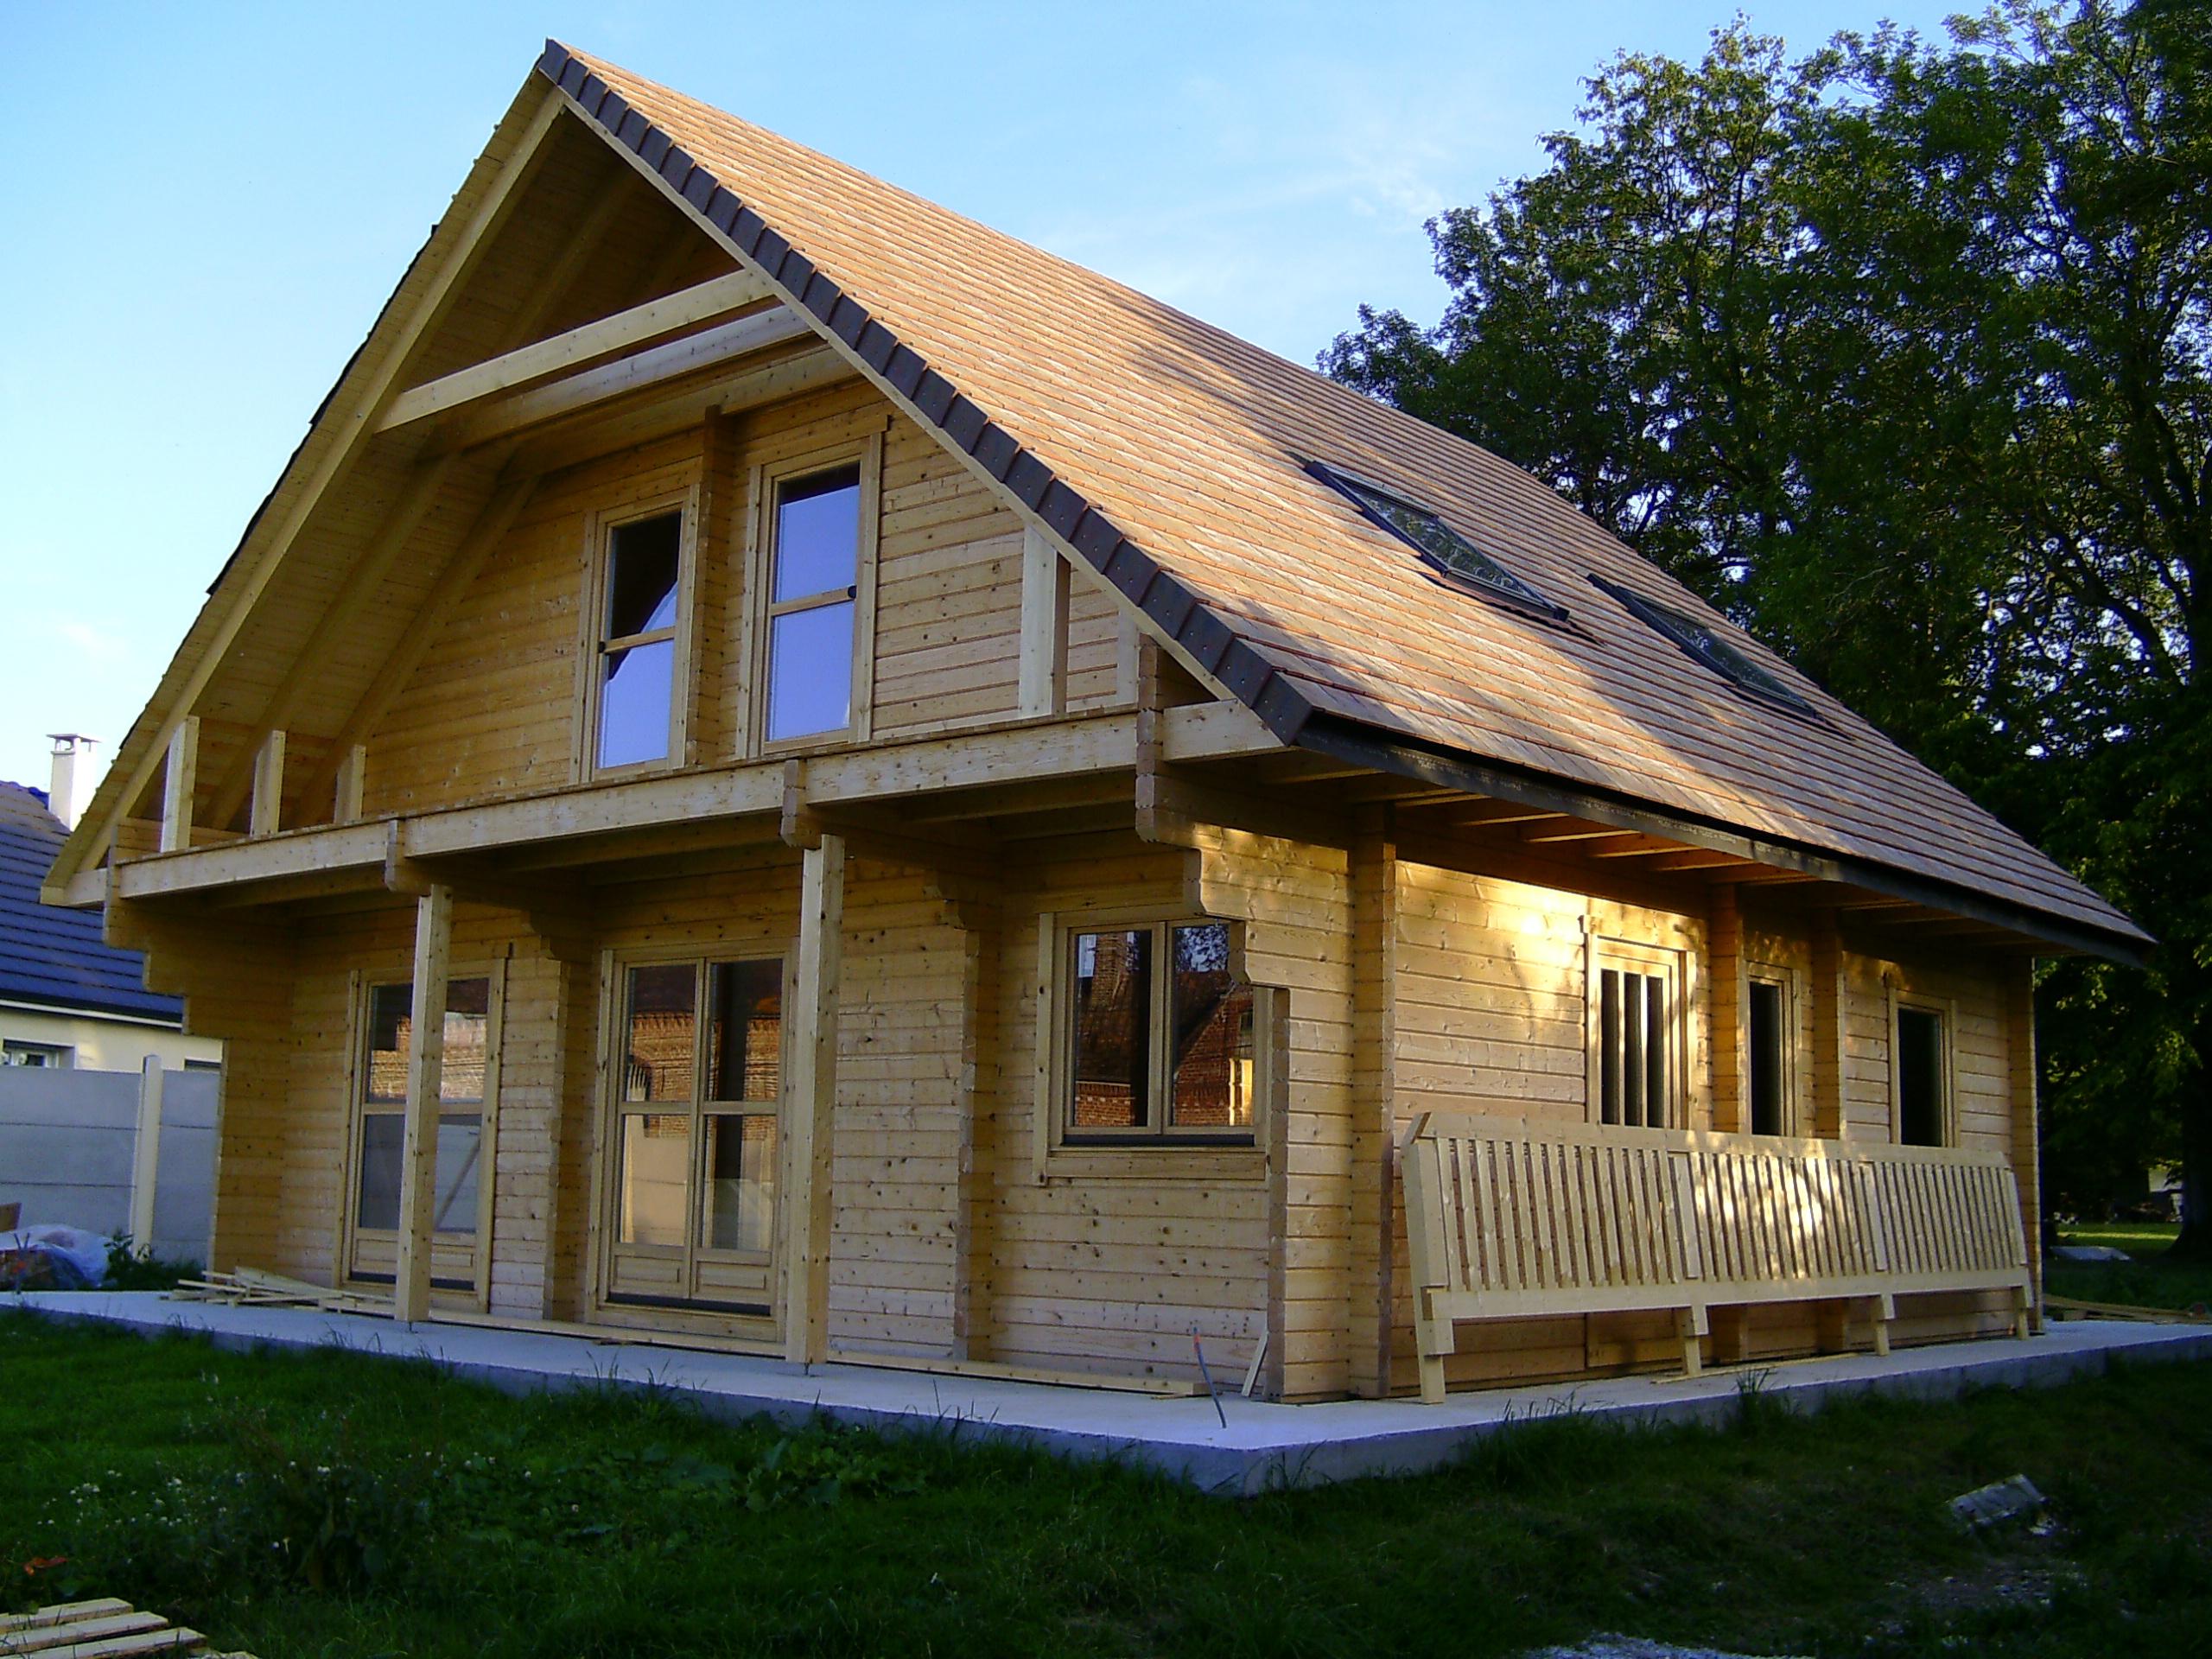 Maison En Bois Kit - Le Meilleur Des Maisons Bois En Kit 2020 à Chalet Bois Kit Habitable Pas Cher